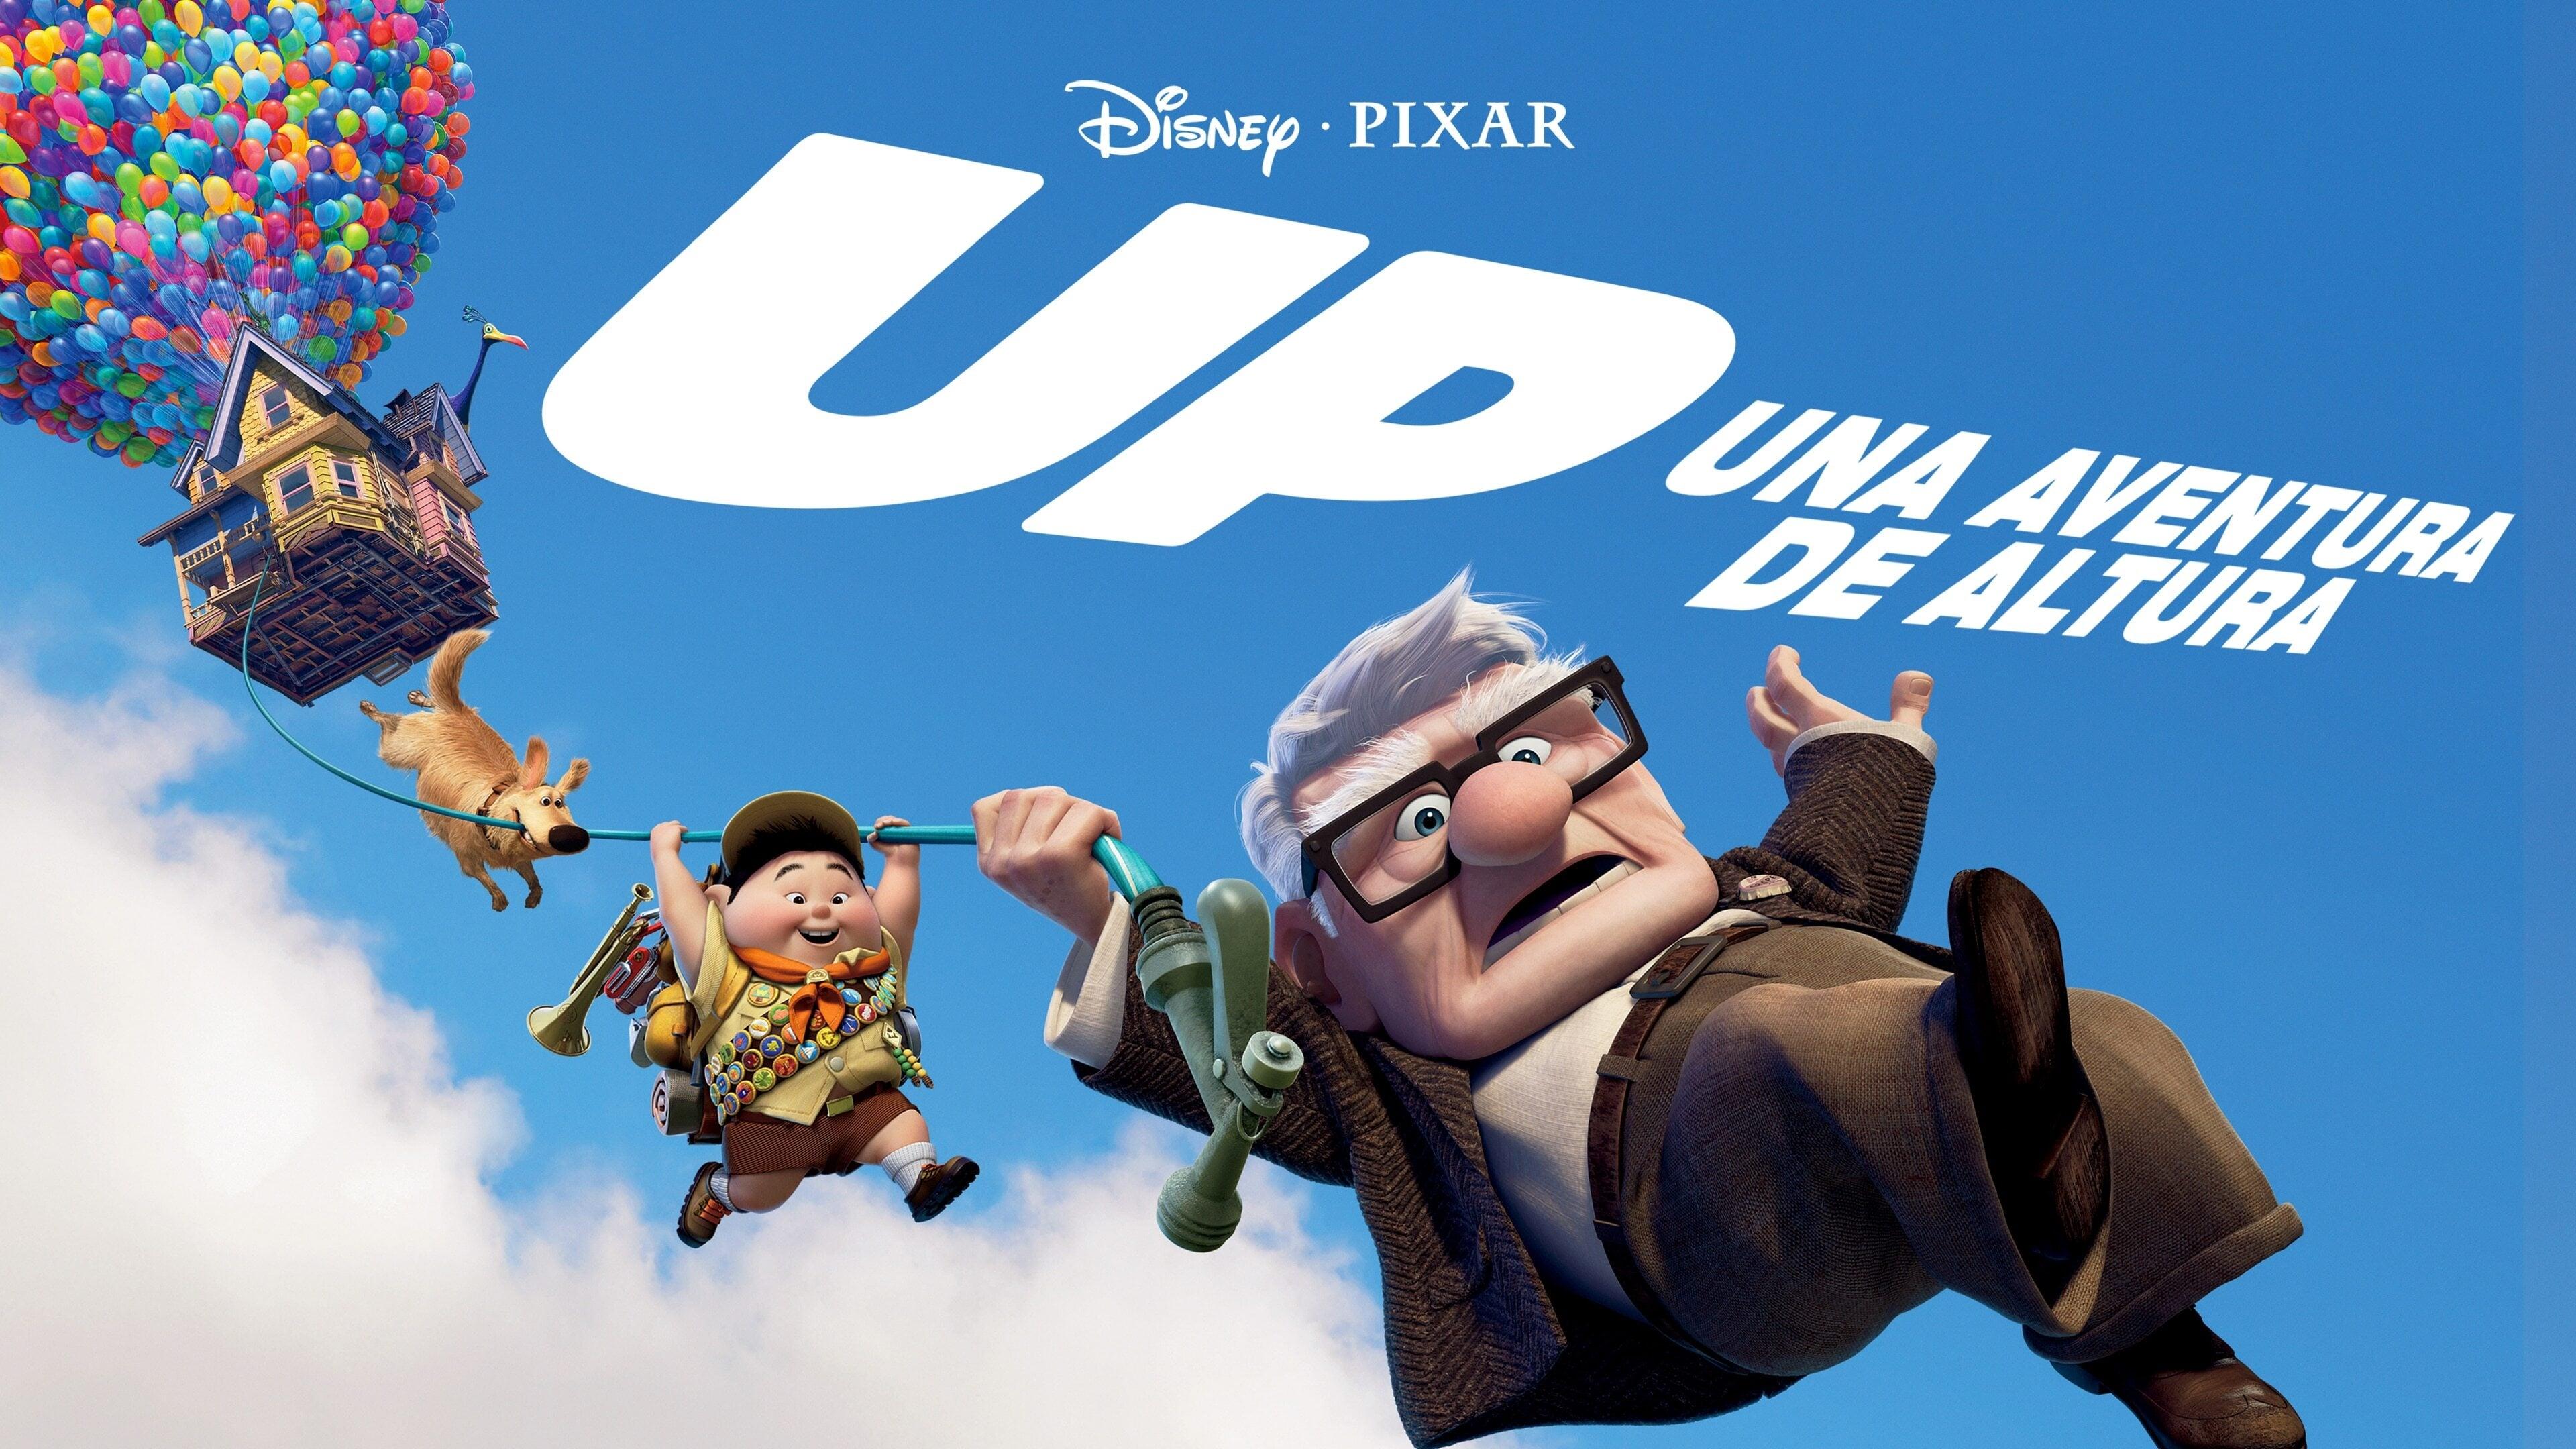 Up: Una aventura de altura